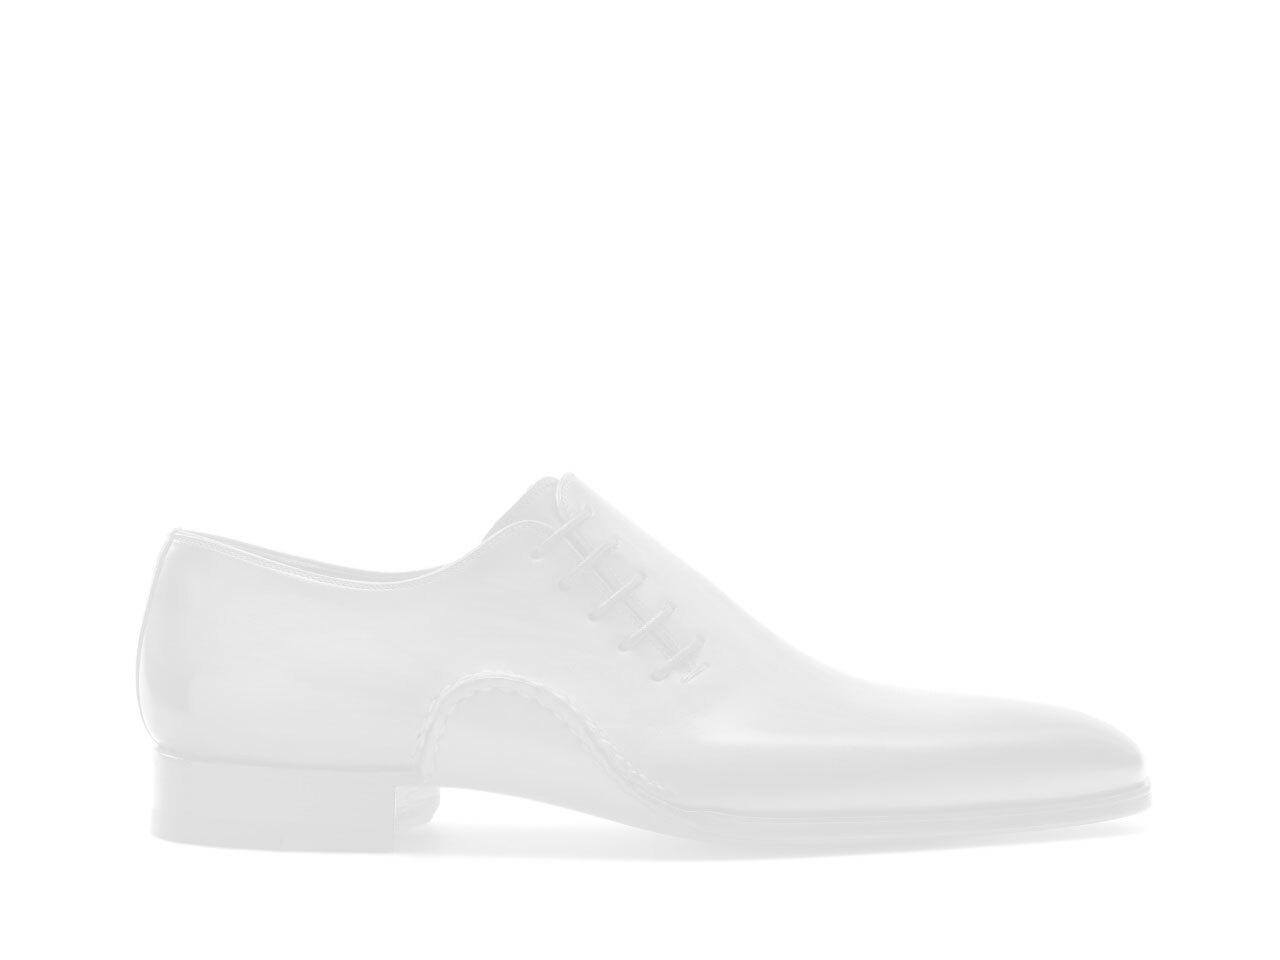 Essential Shoe Care Kit Cognac / Cuero